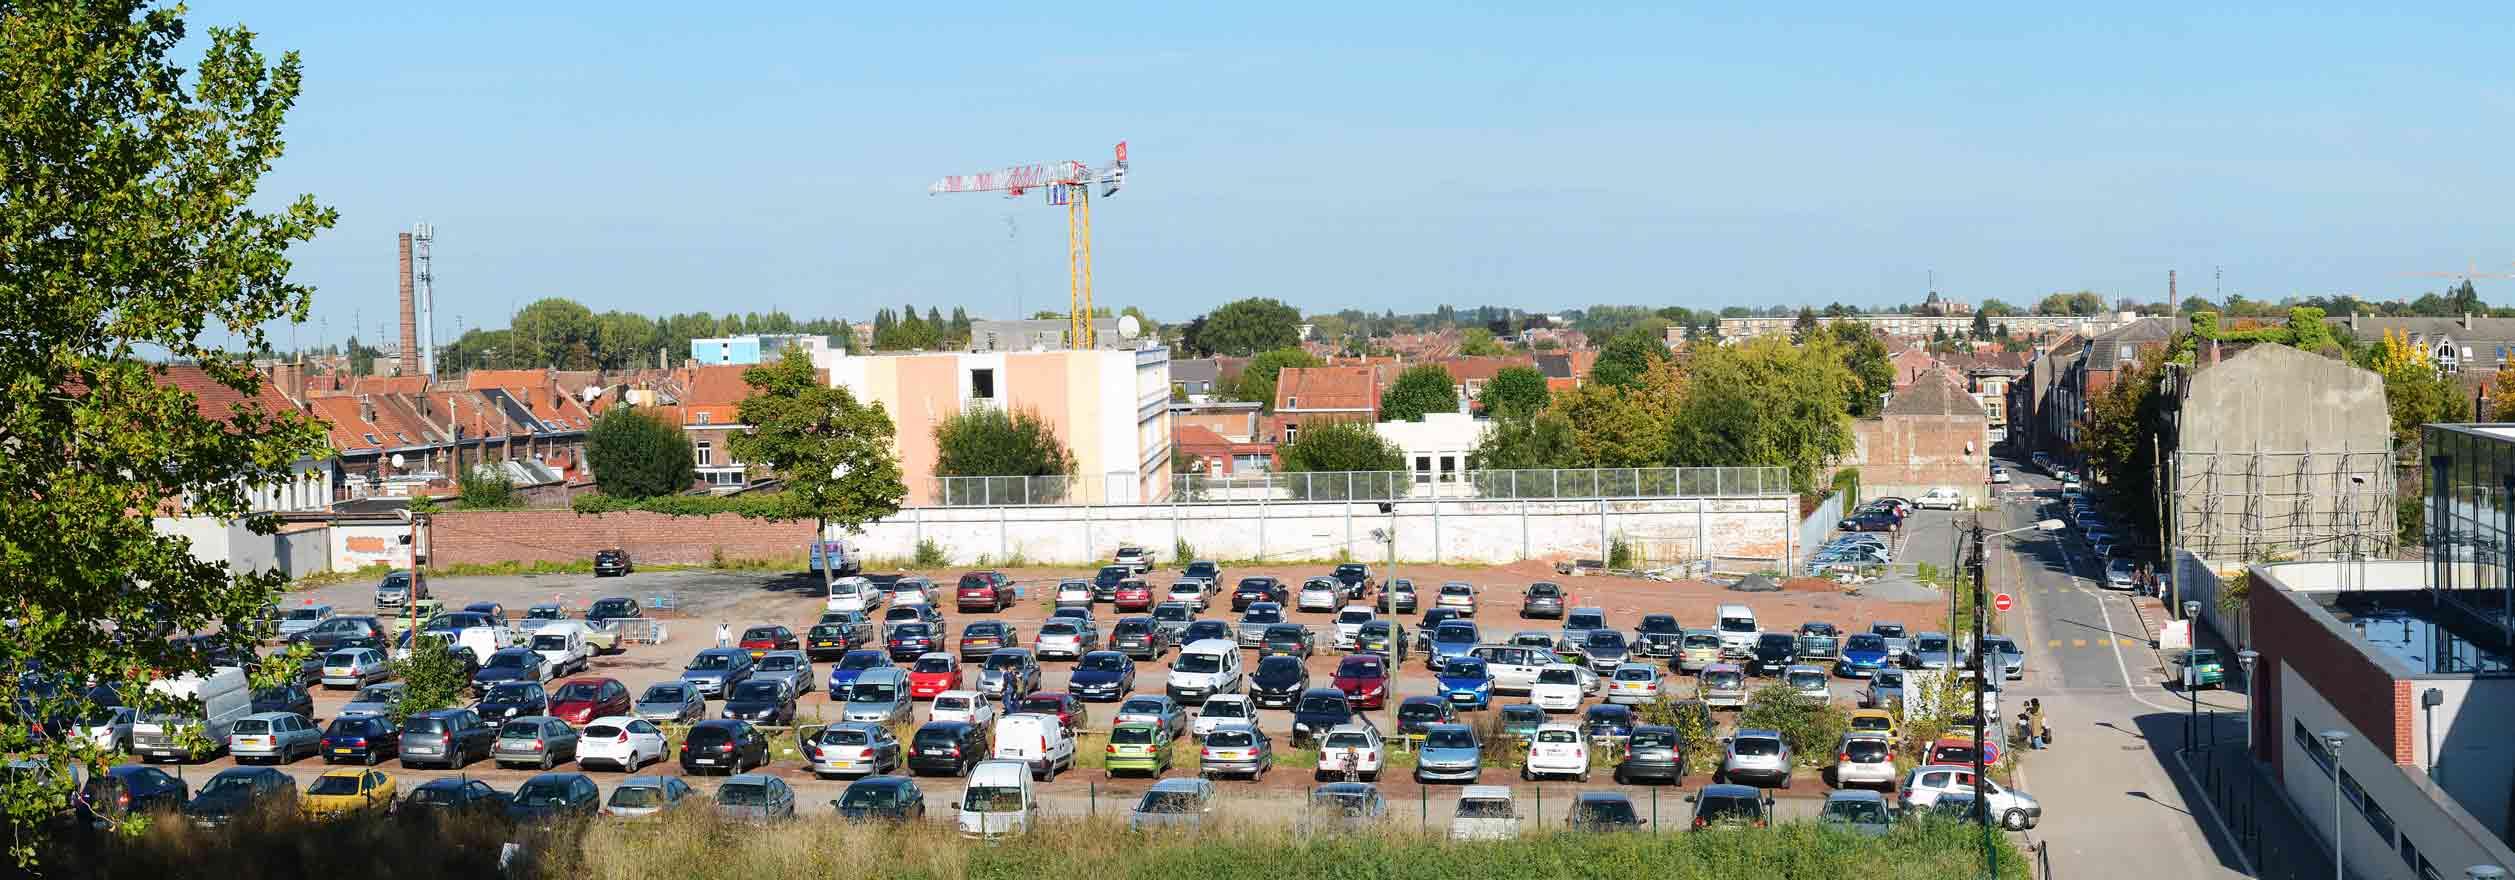 Le quadrilat re des piscines projets urbains ma ville tourcoing - Piscine de tourcoing ...